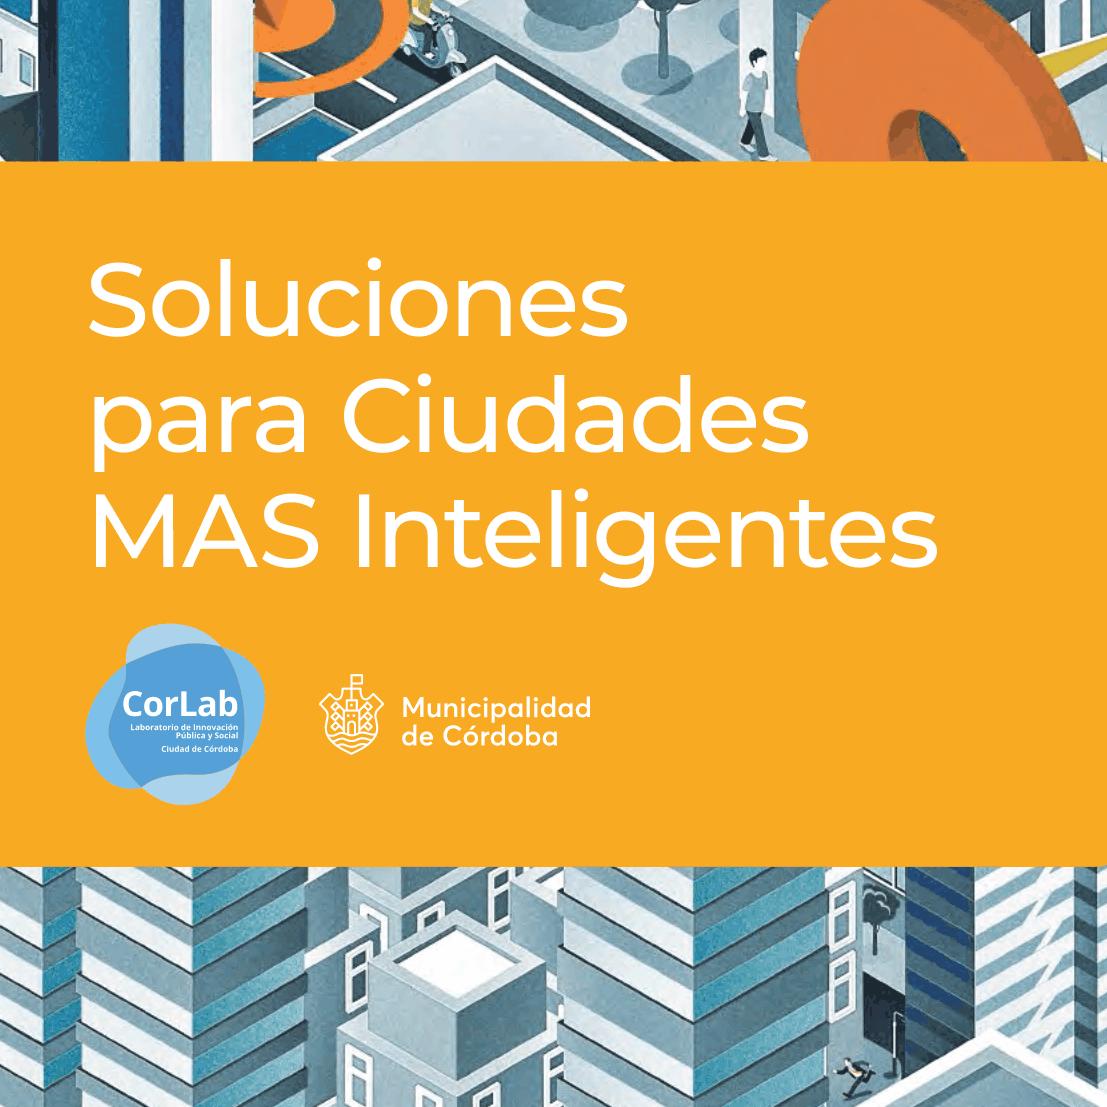 Soluciones Para Ciudades MÁS Inteligentes